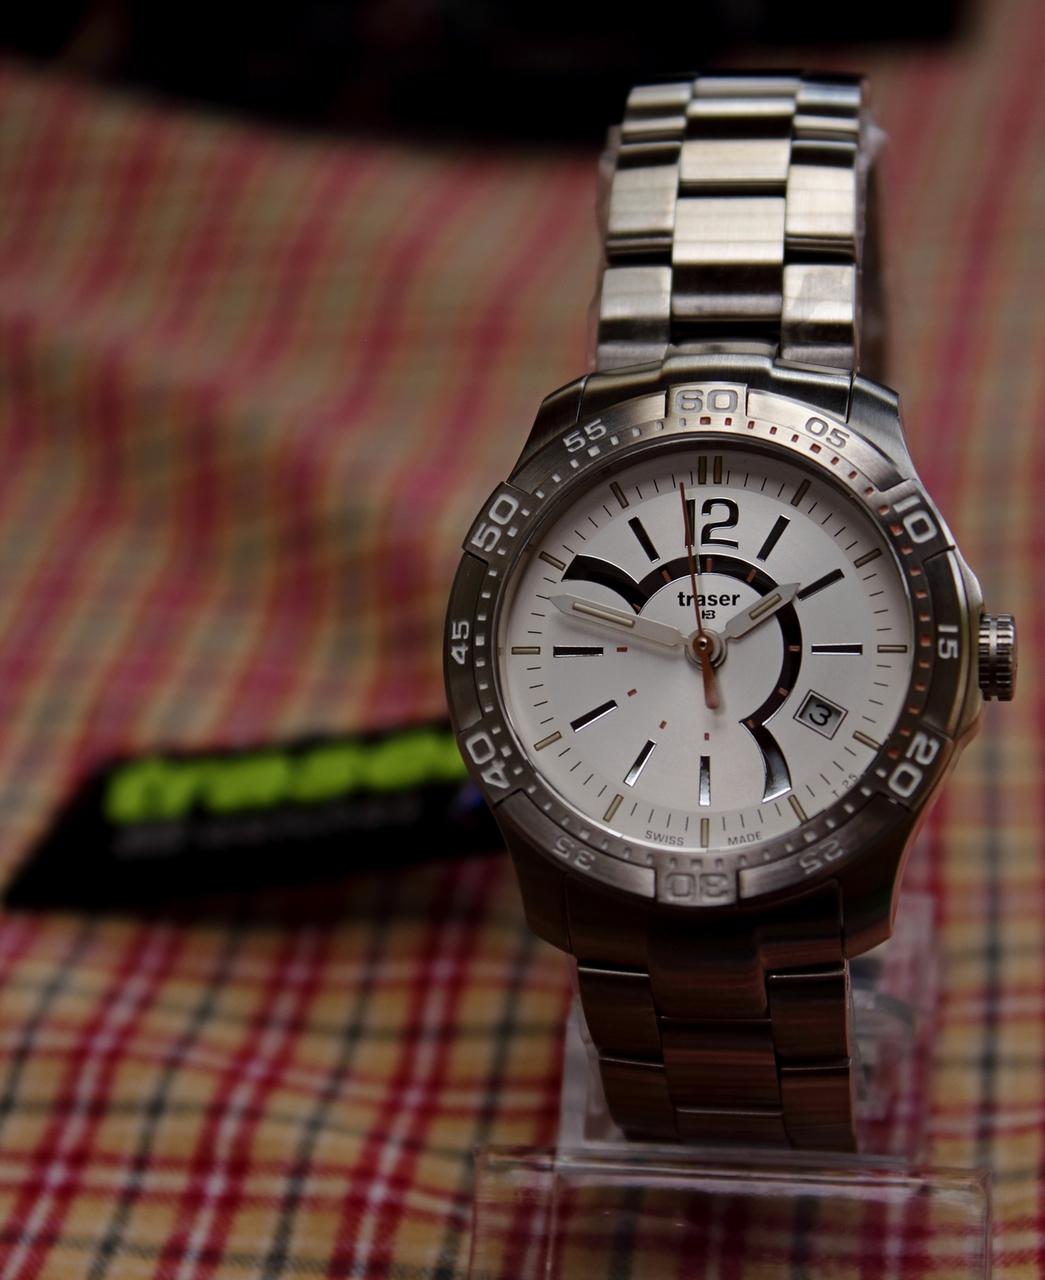 e3d0f688d0b Číselník hodinek Traser Ladytime Silver je netradičně řešený.